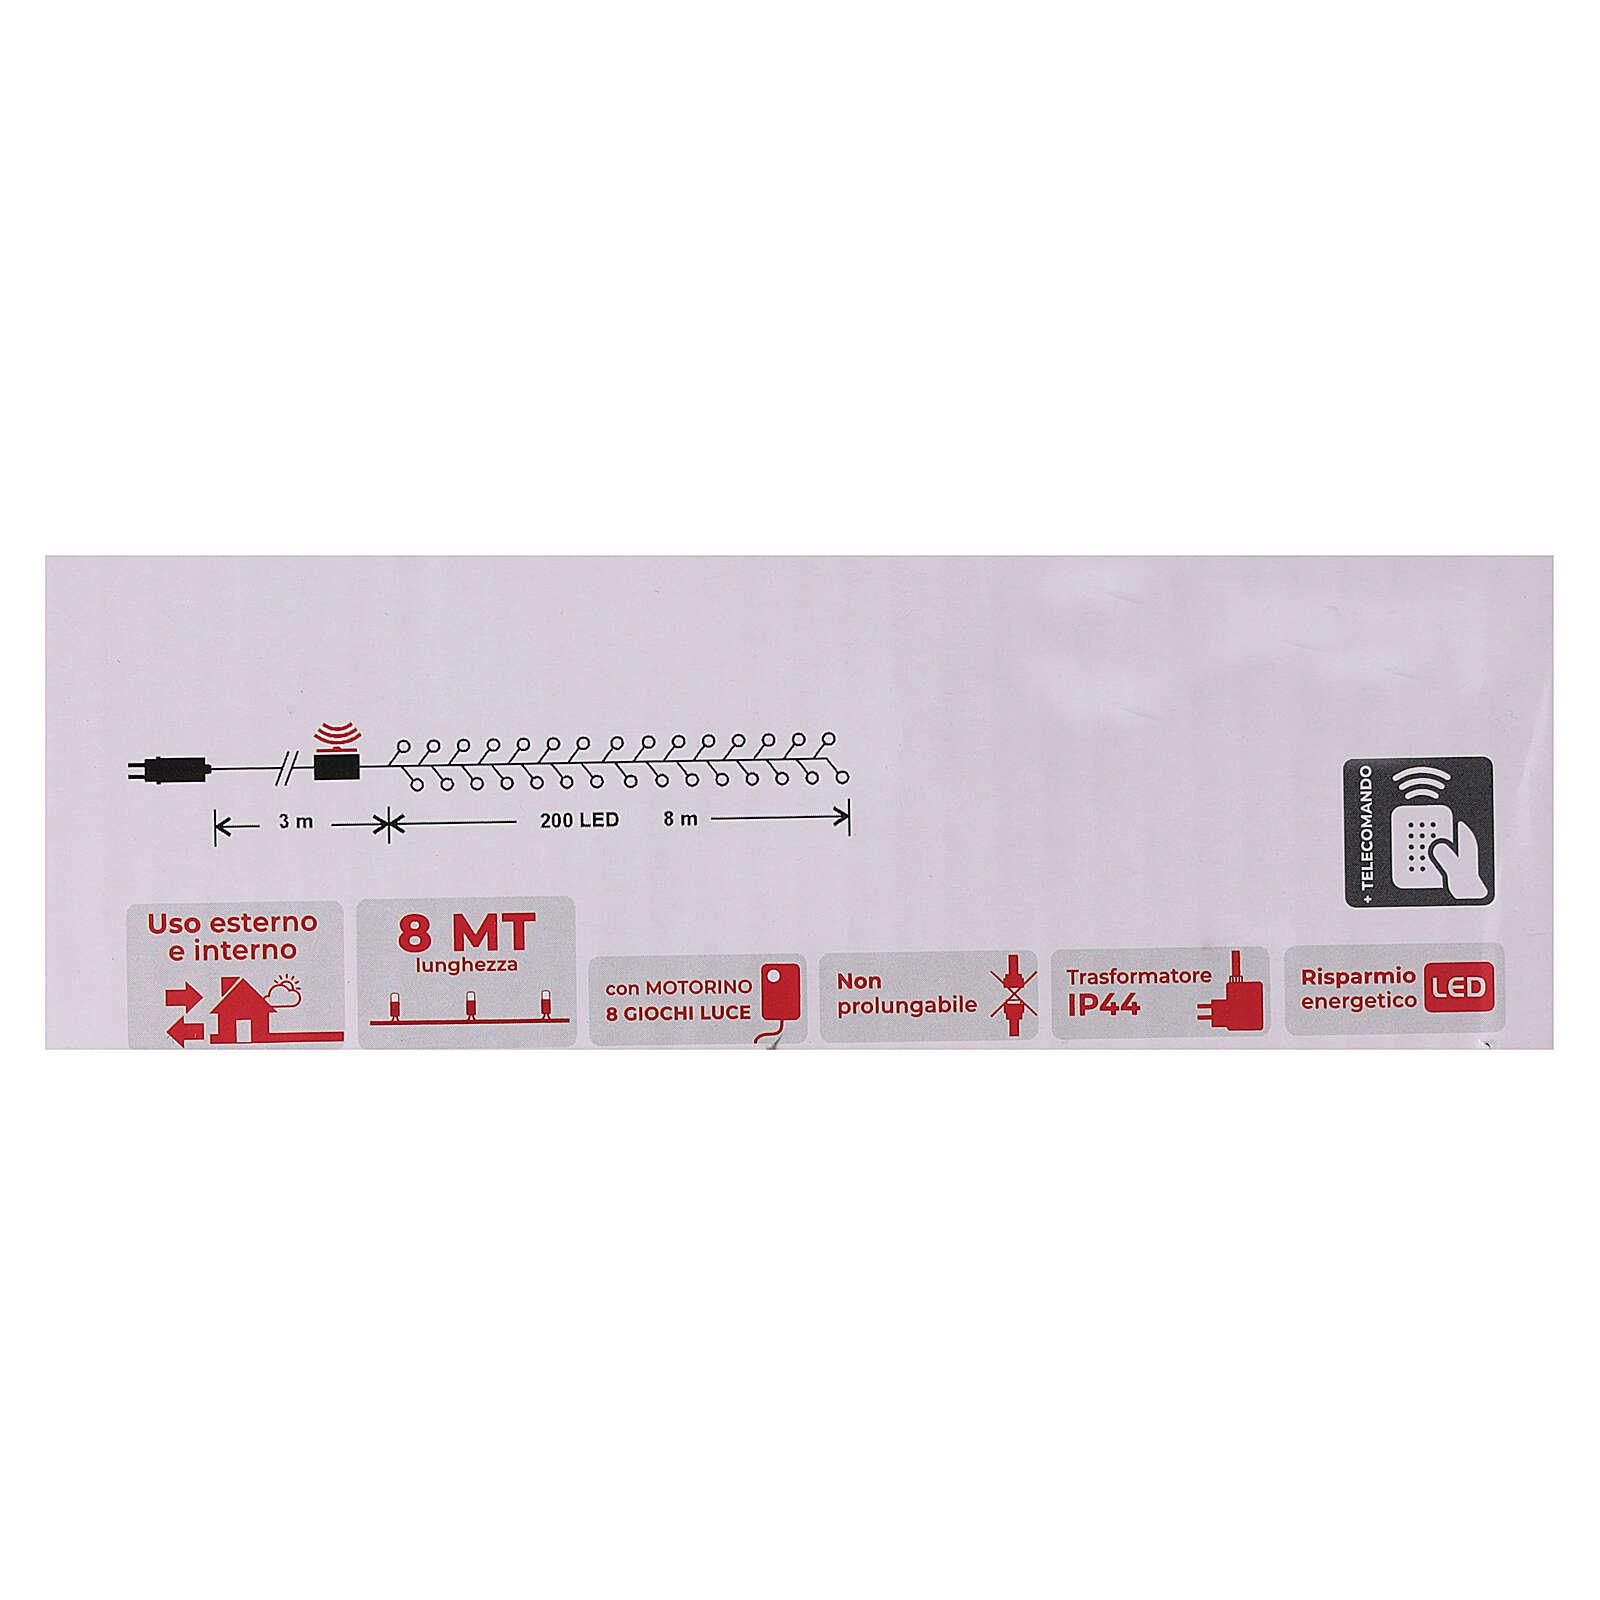 Catena 200 led bianco caldo con telecomando remoto esterno 220V 3